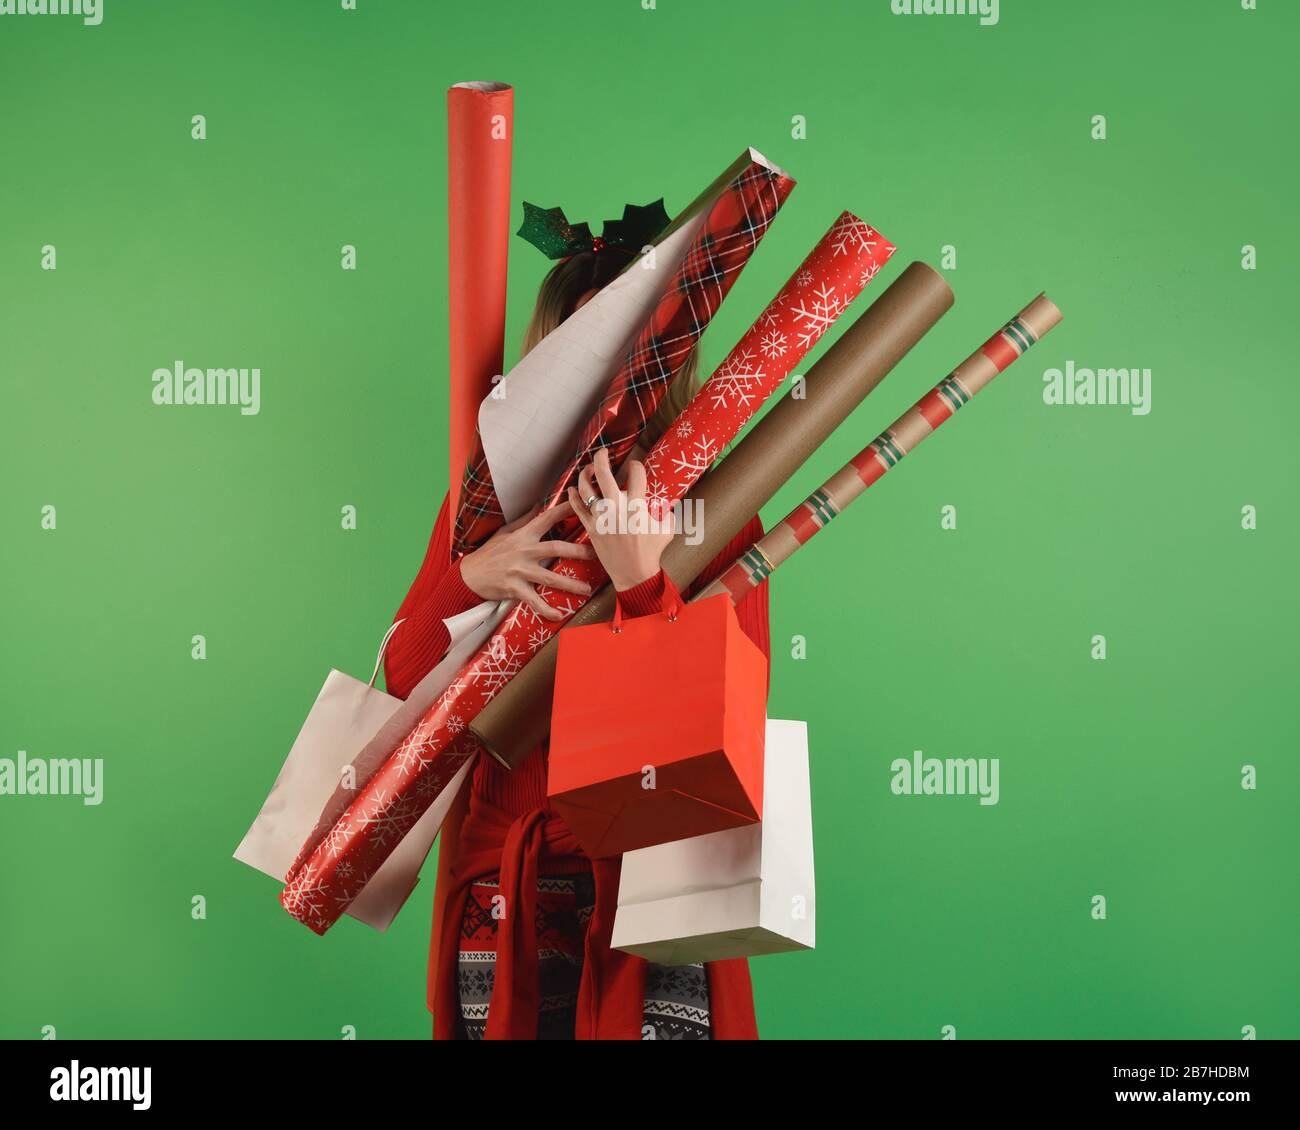 Une fille tient le papier d'emballage de Noël contre un mur vert solide et est submergé pour une idée de fournitures de cadeau. Banque D'Images